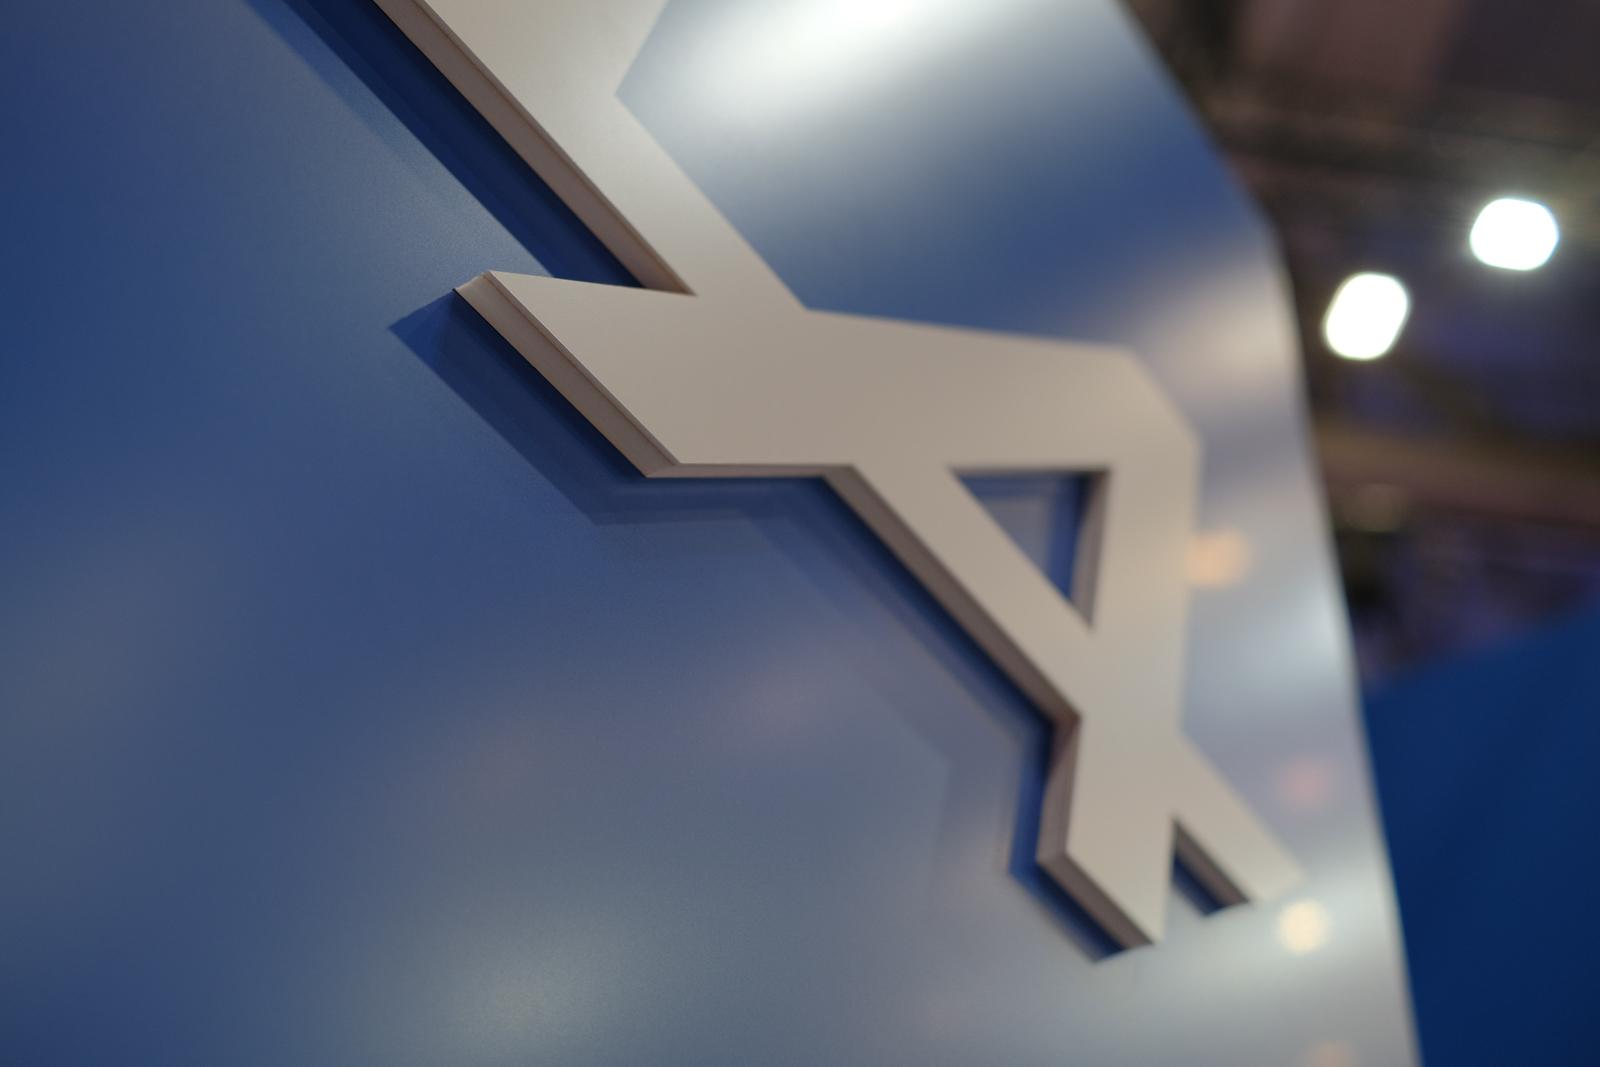 XF35mmF1.4 Rで撮影